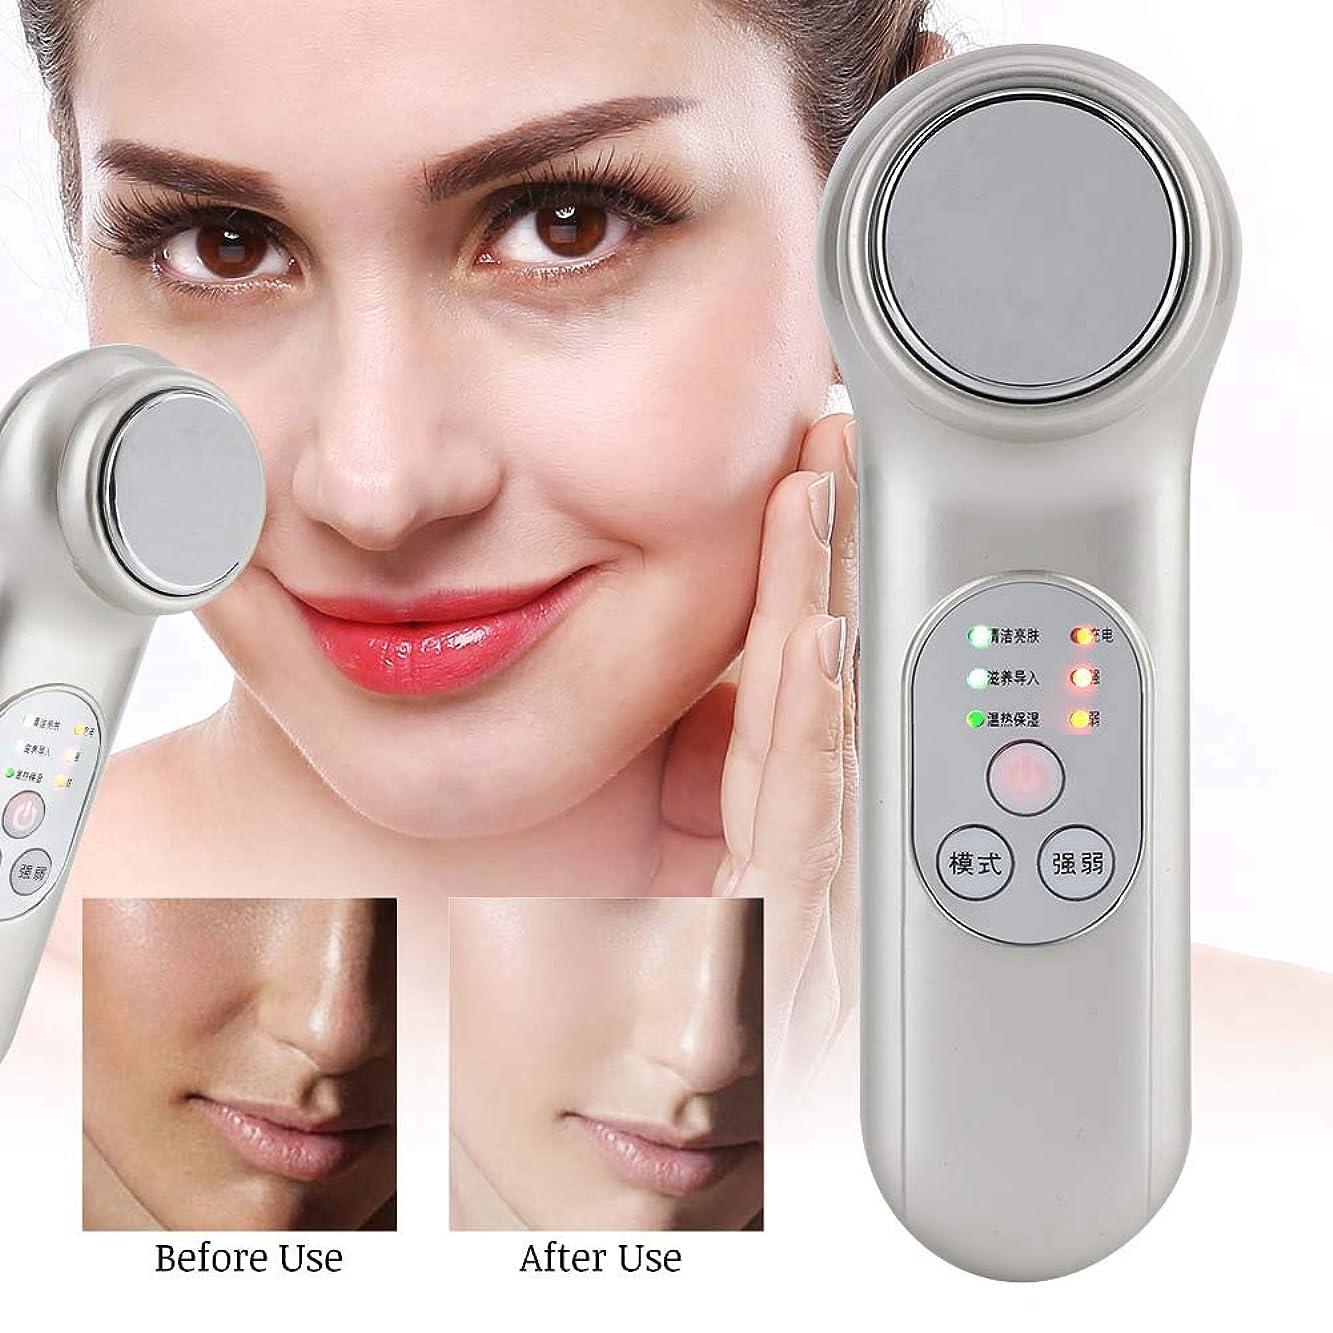 貫入温度高価な毛穴クリーナー、毛穴真空除去クリーナー電気クリーナーフェイスマッサージャー女性と男性のための皮膚美容デバイス